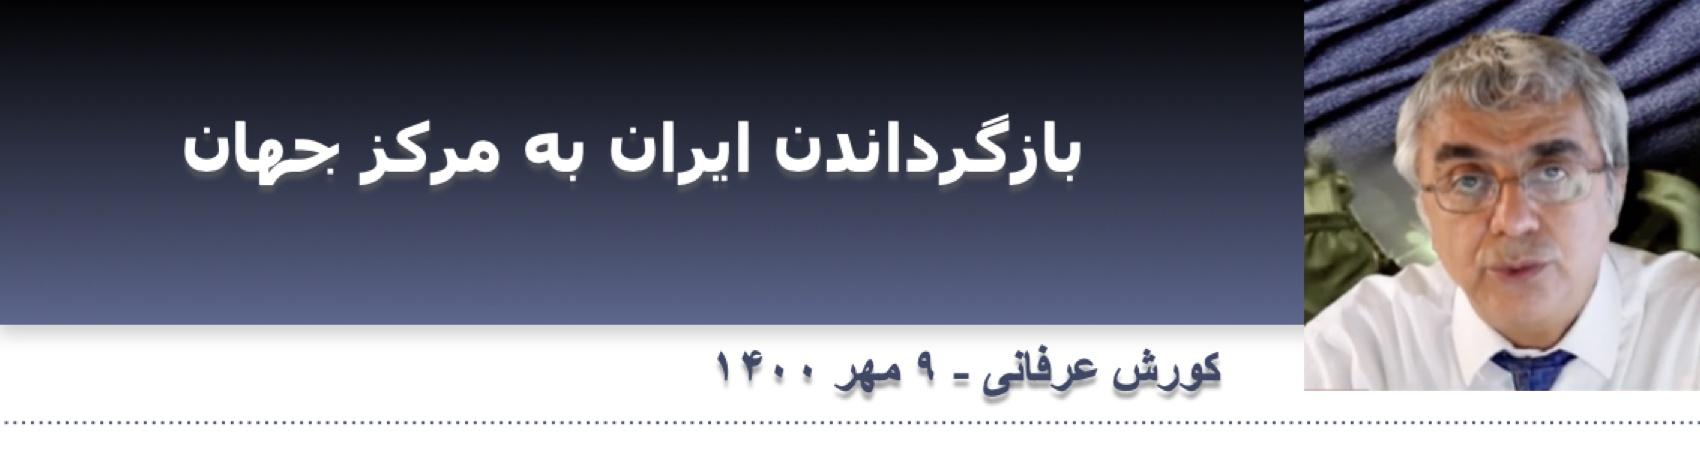 بازگرداندن ایران به مرکز جهان 